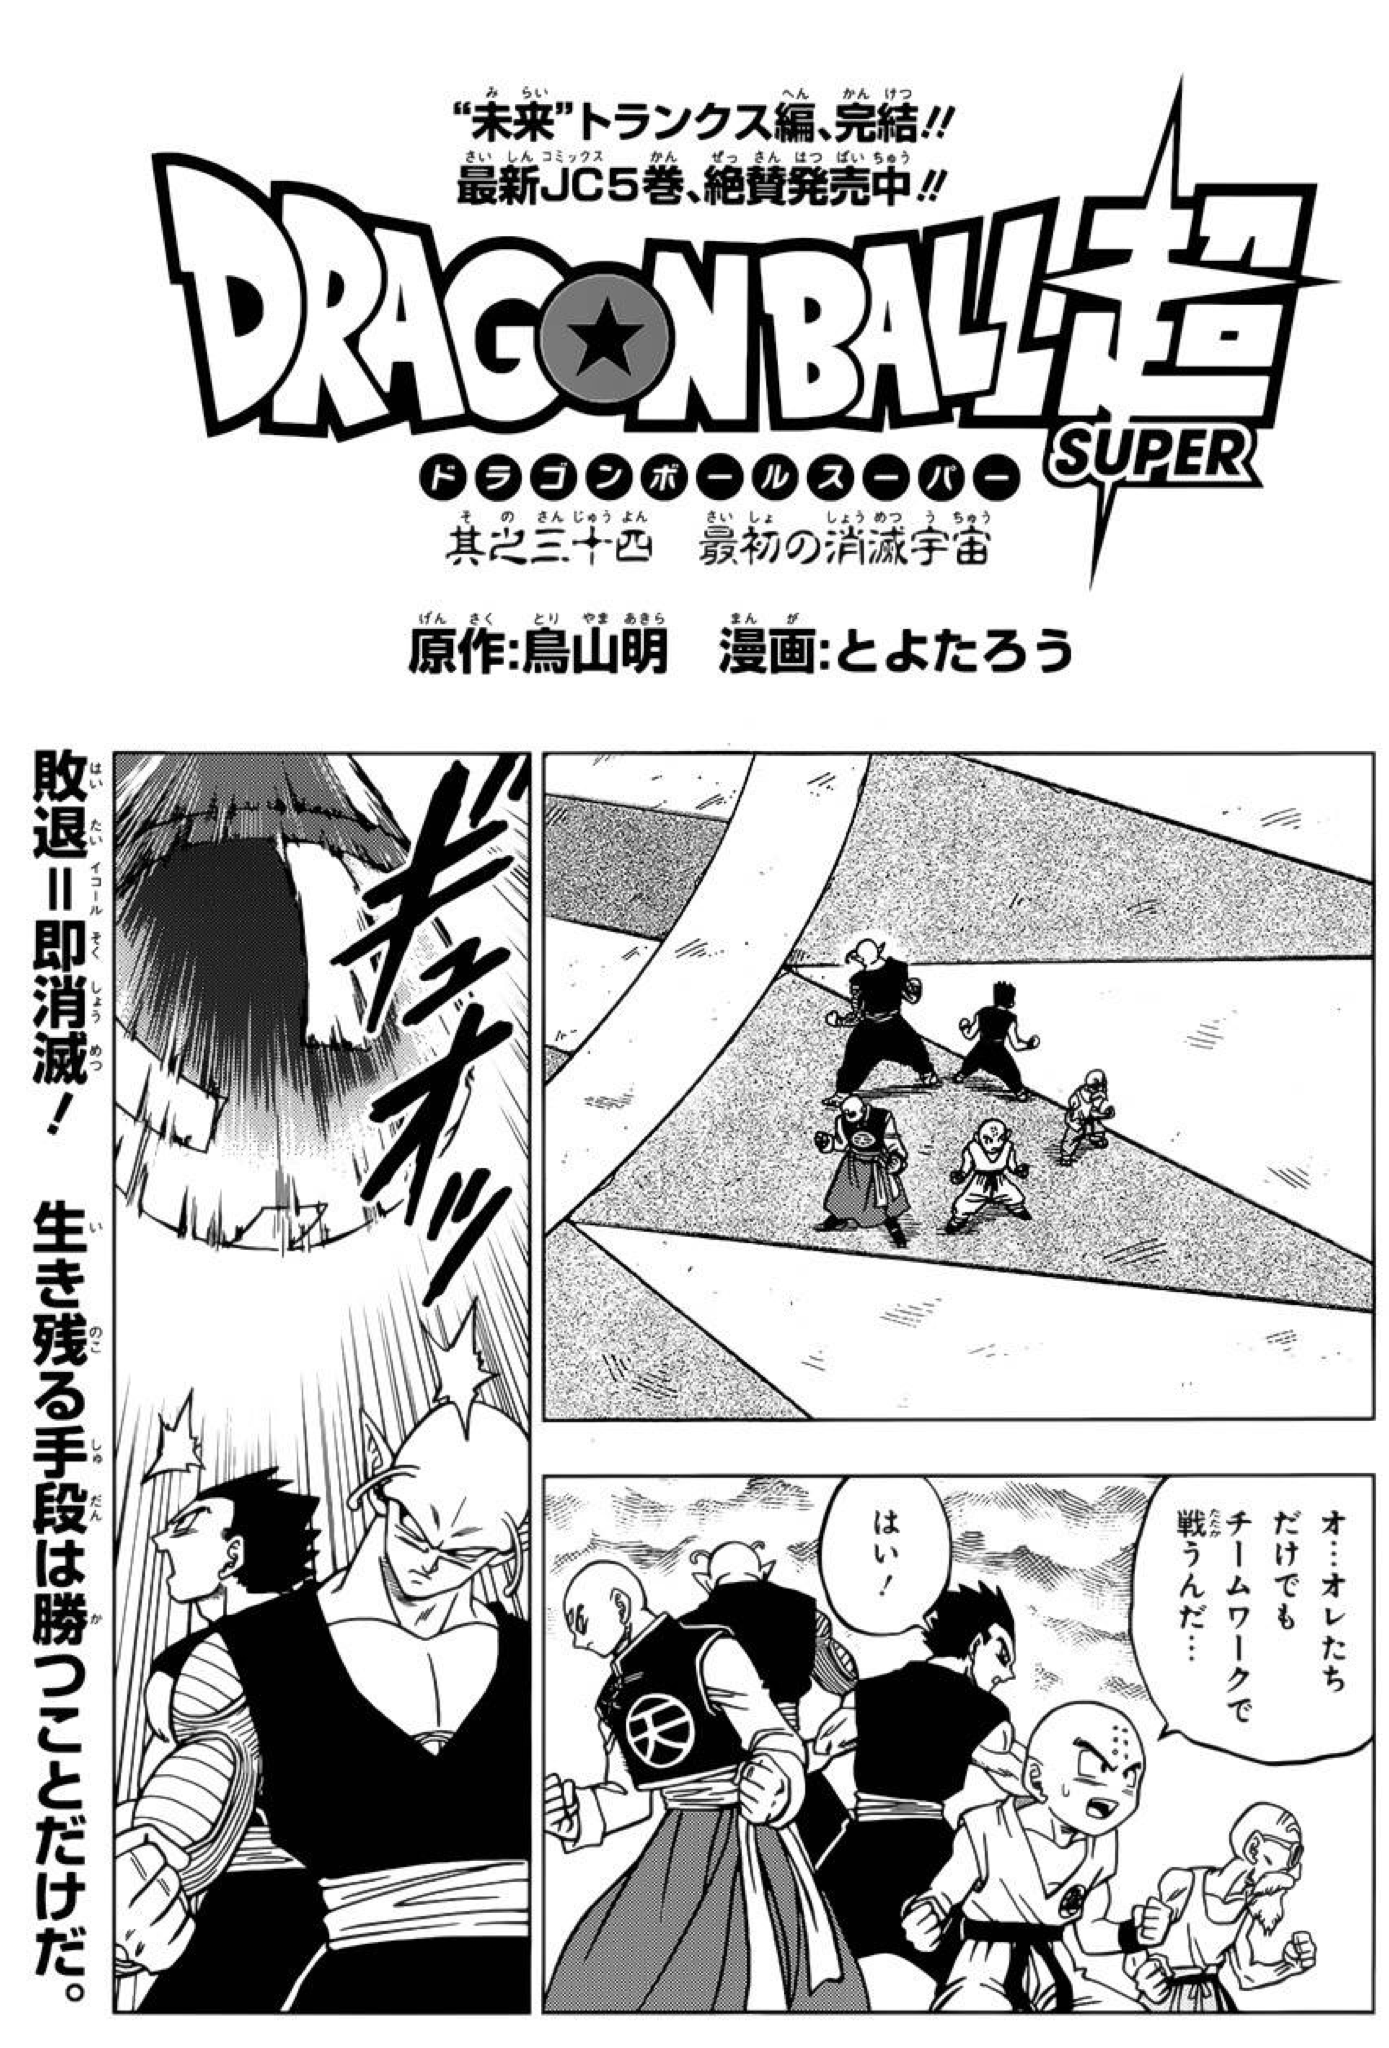 Capítulo 34 (Dragon Ball Super)